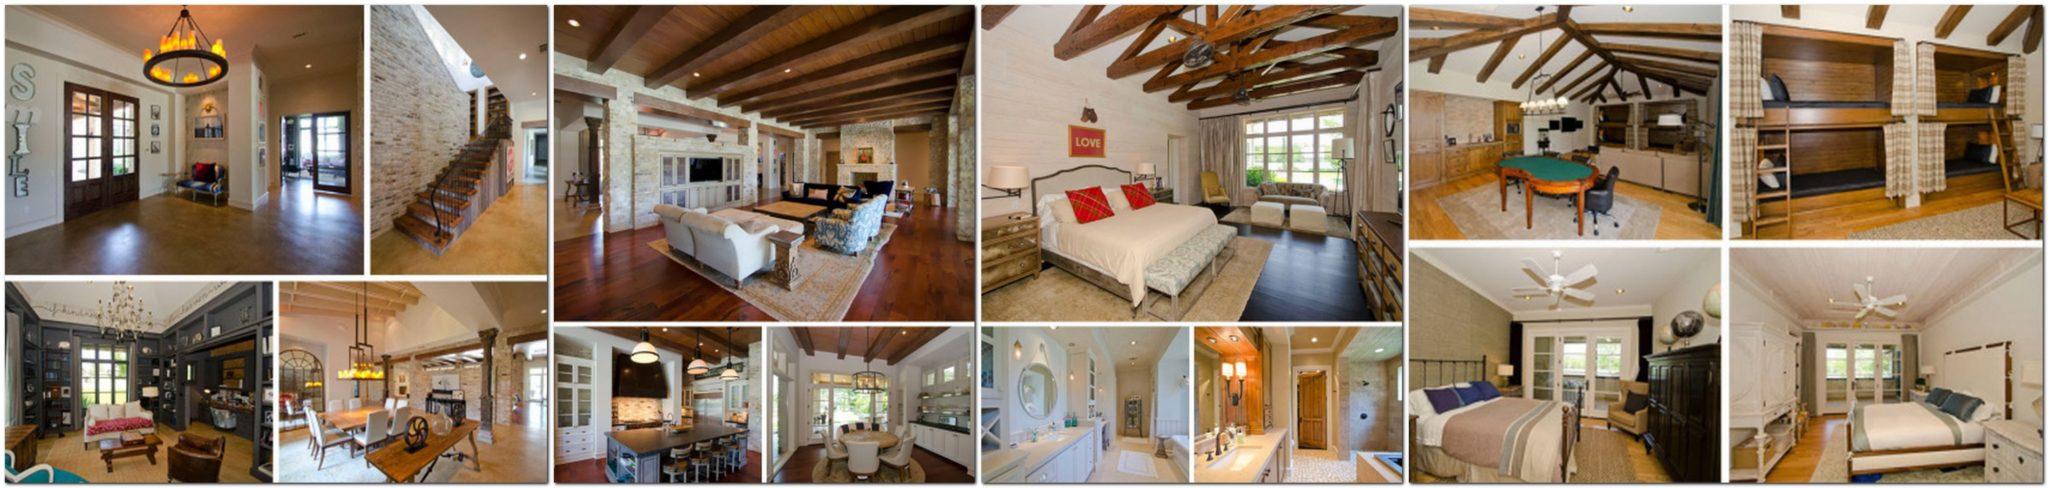 Mansion in Austin, Texas